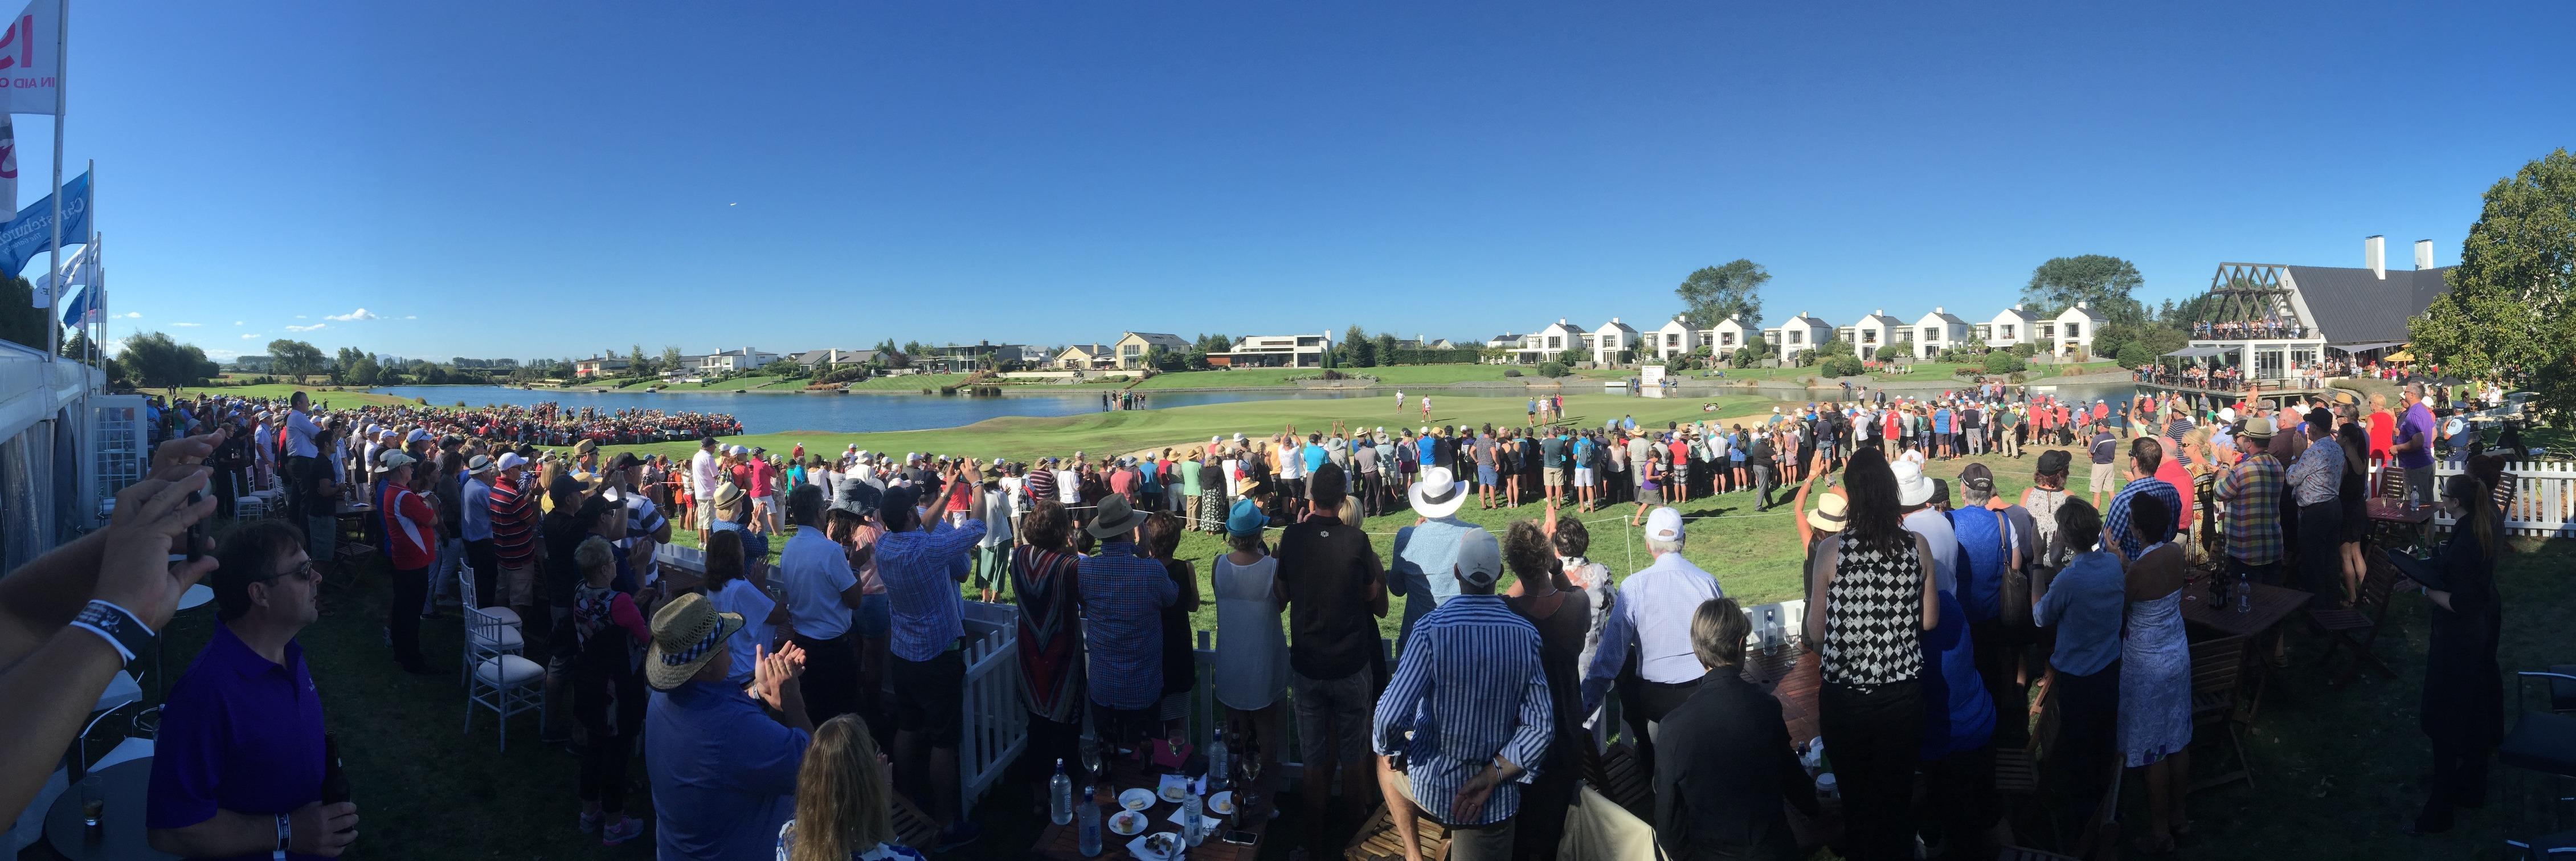 2015 NZWO - Final Hole crowd